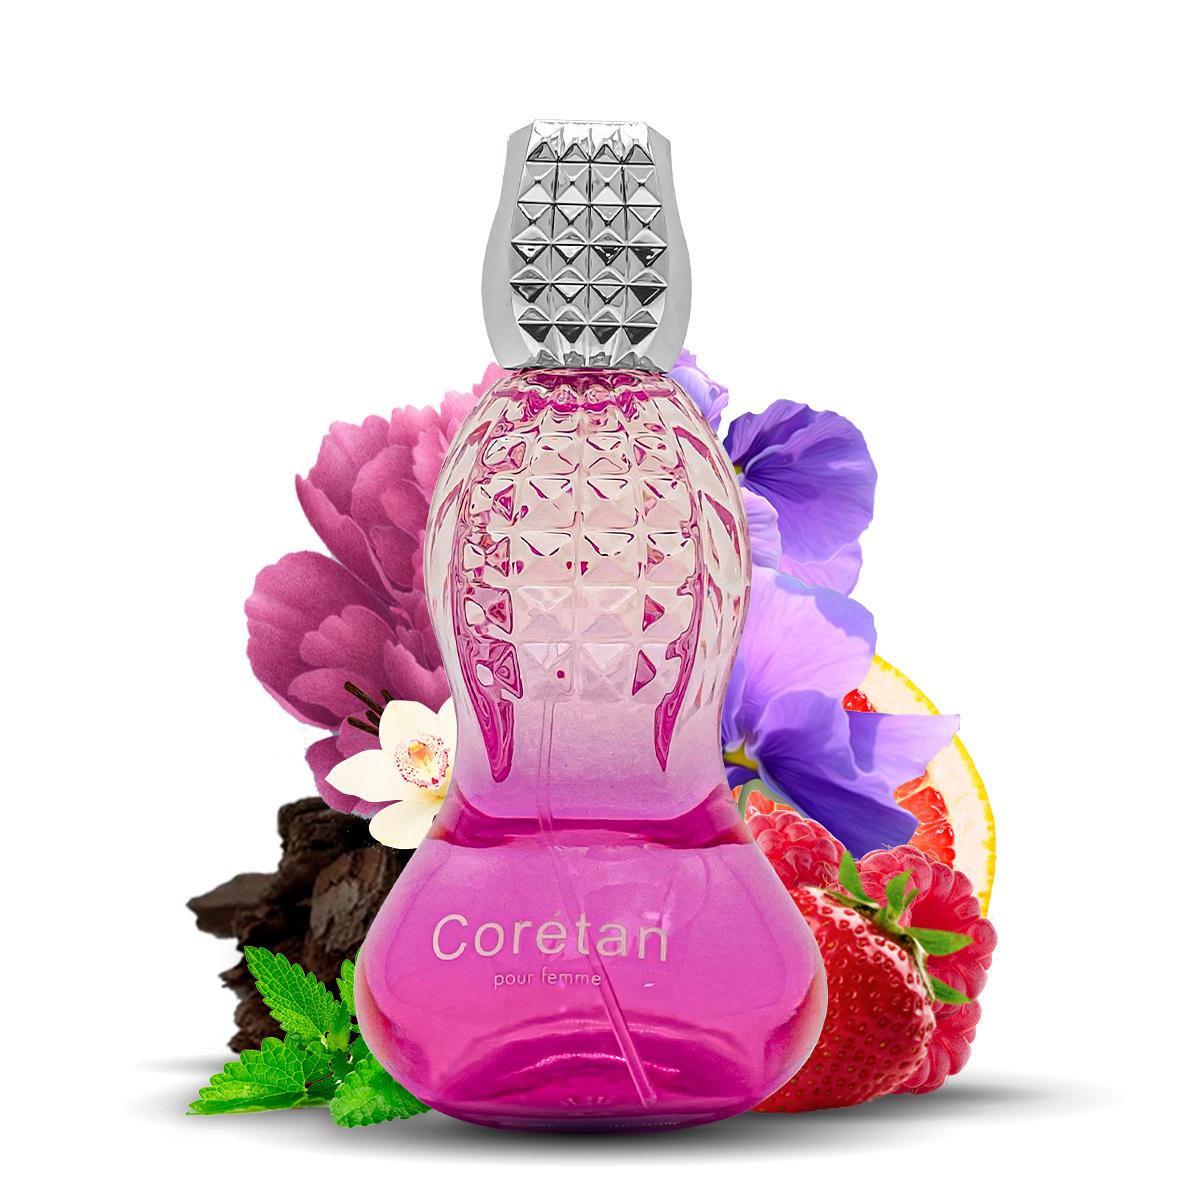 Kit 2 Perfumes Importados Coretan e Excess I Scents